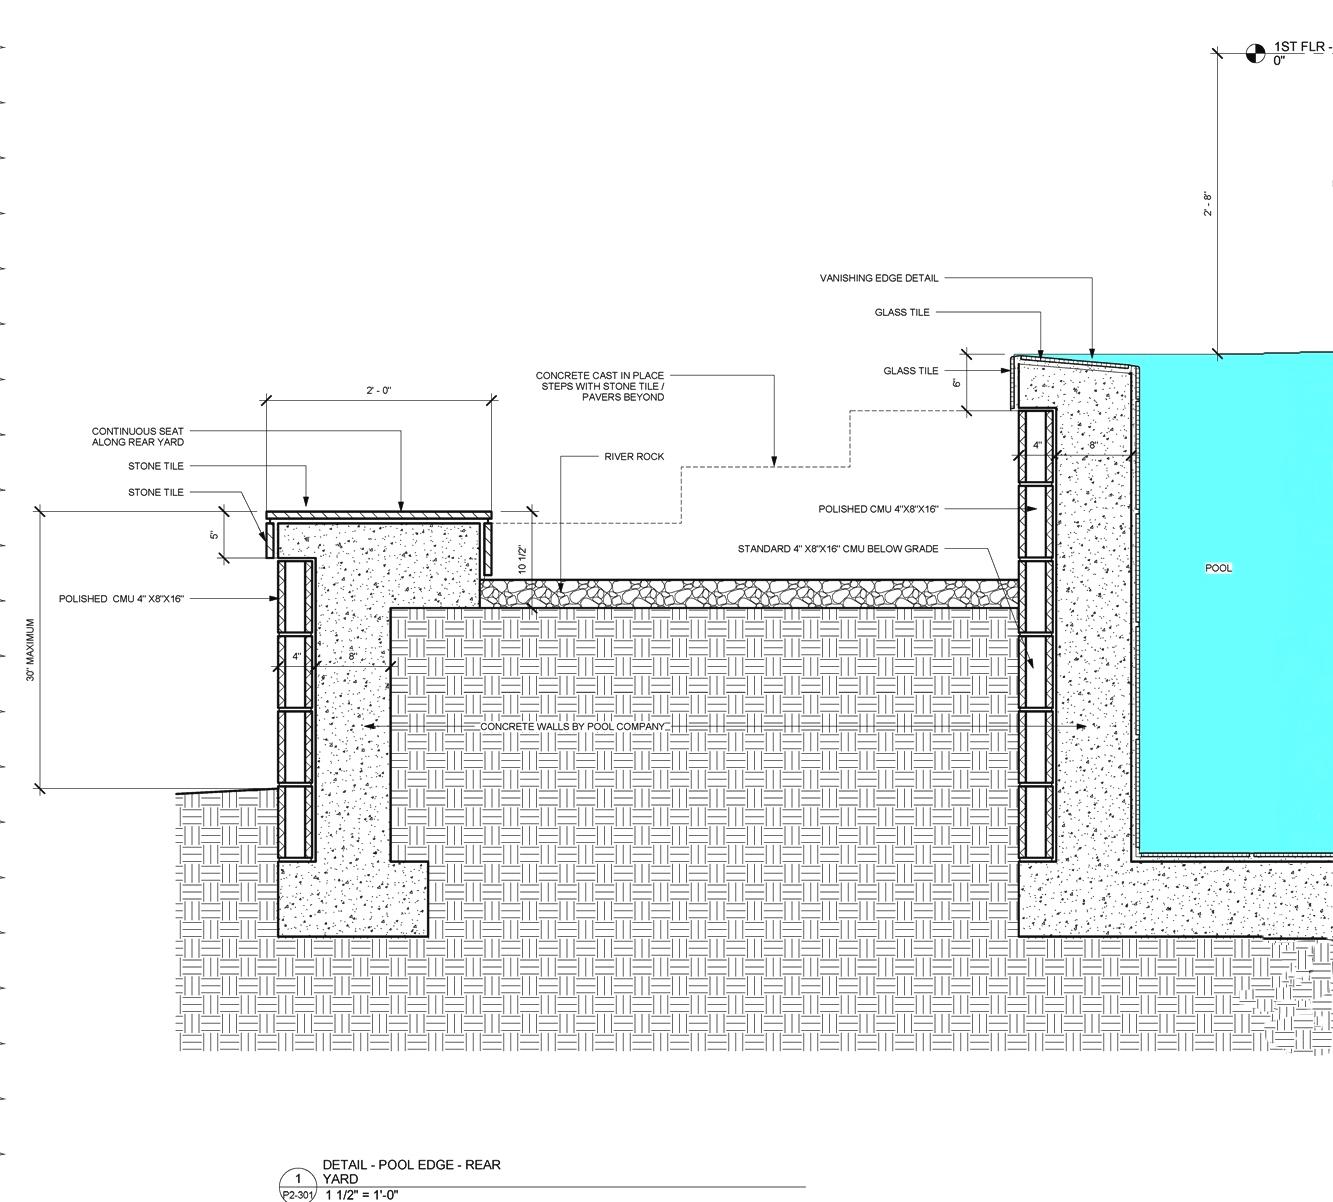 Sheet P2-301 Detail 1